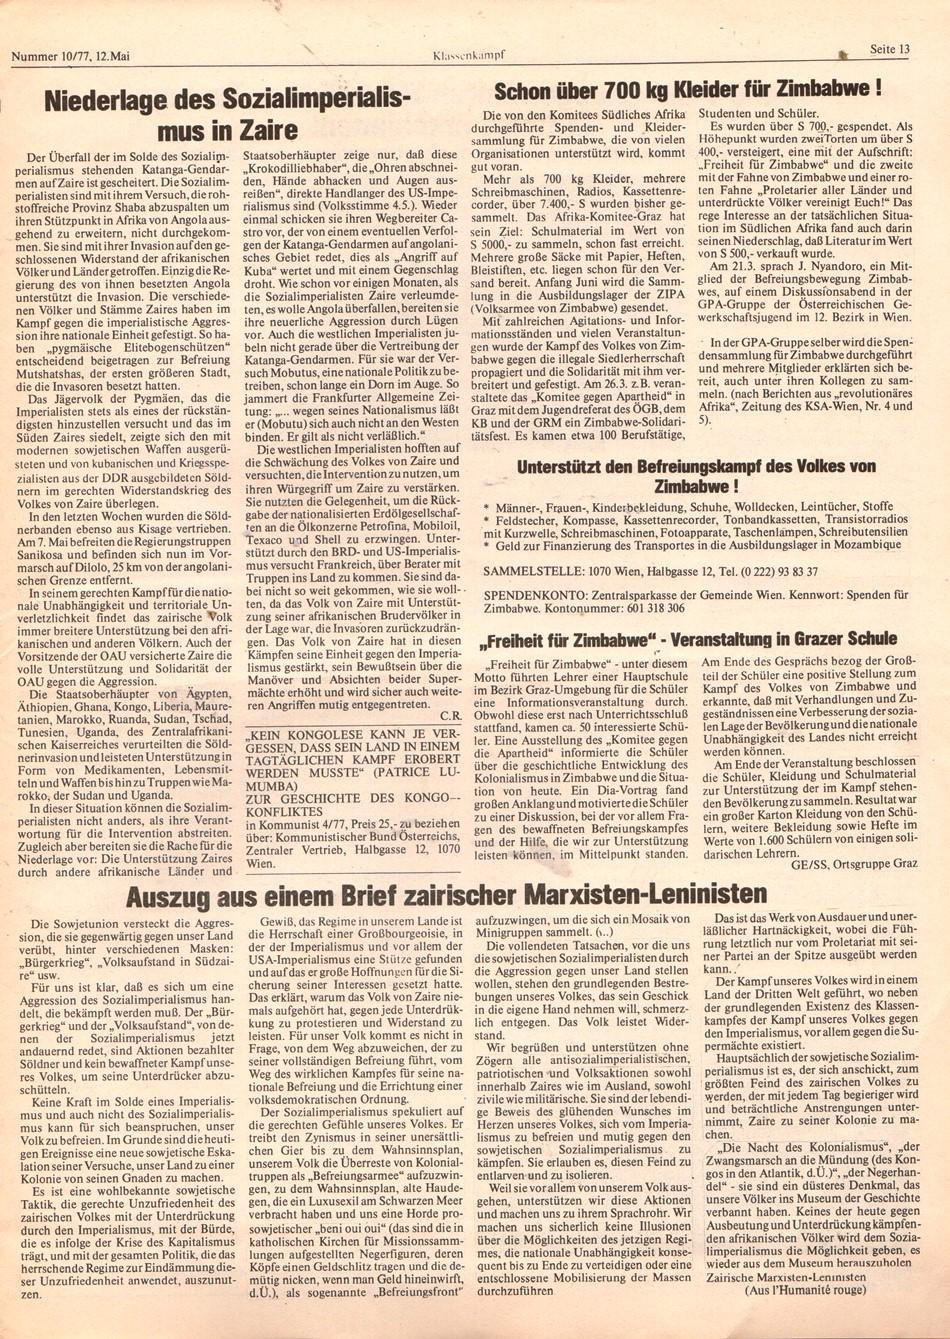 KBOe_Klassenkampf_1977_10_13